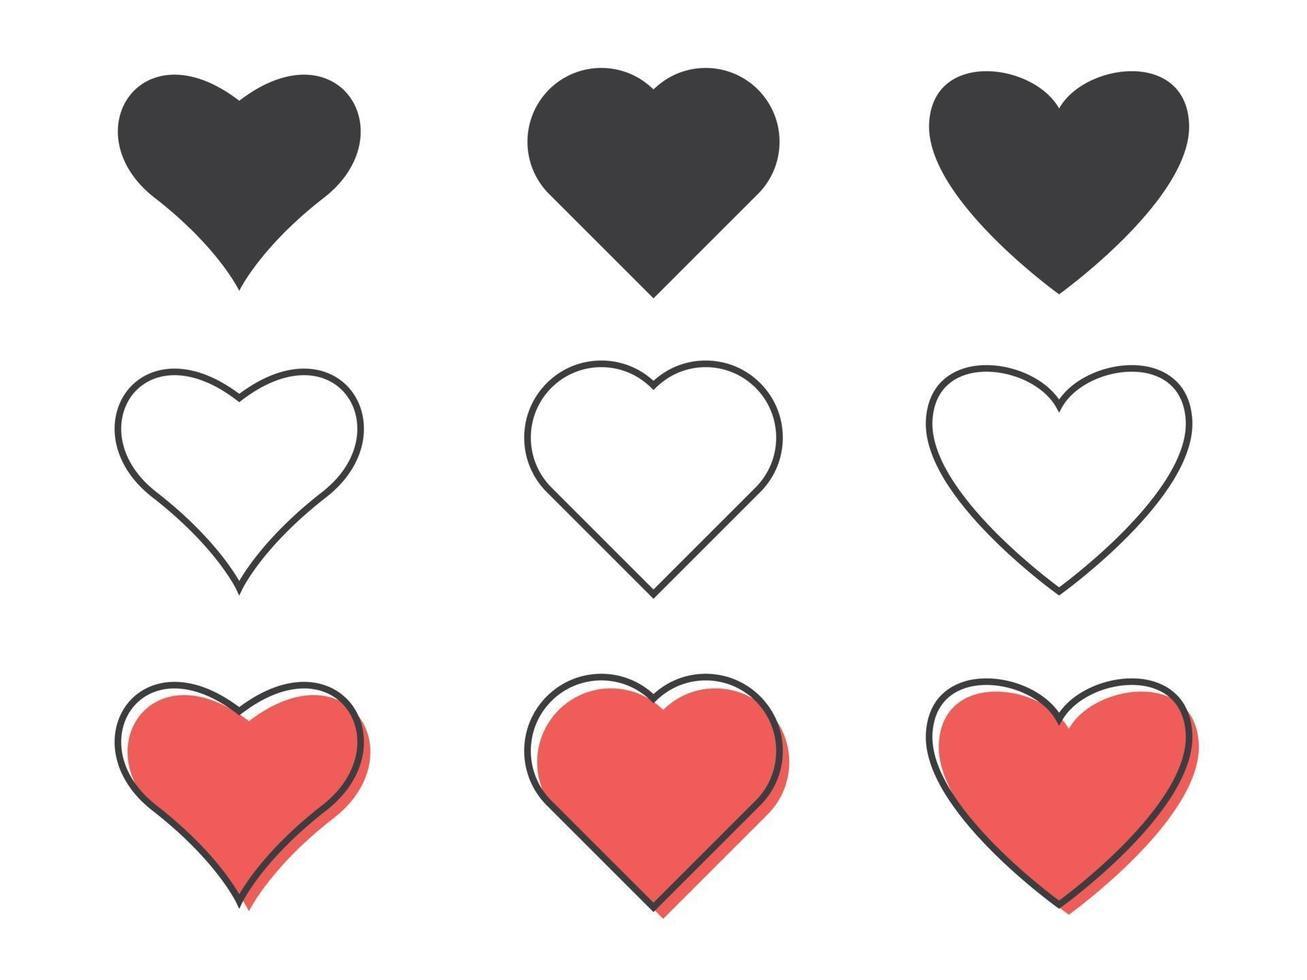 ilustração em vetor linha plana. ícones de coração isolados no fundo branco